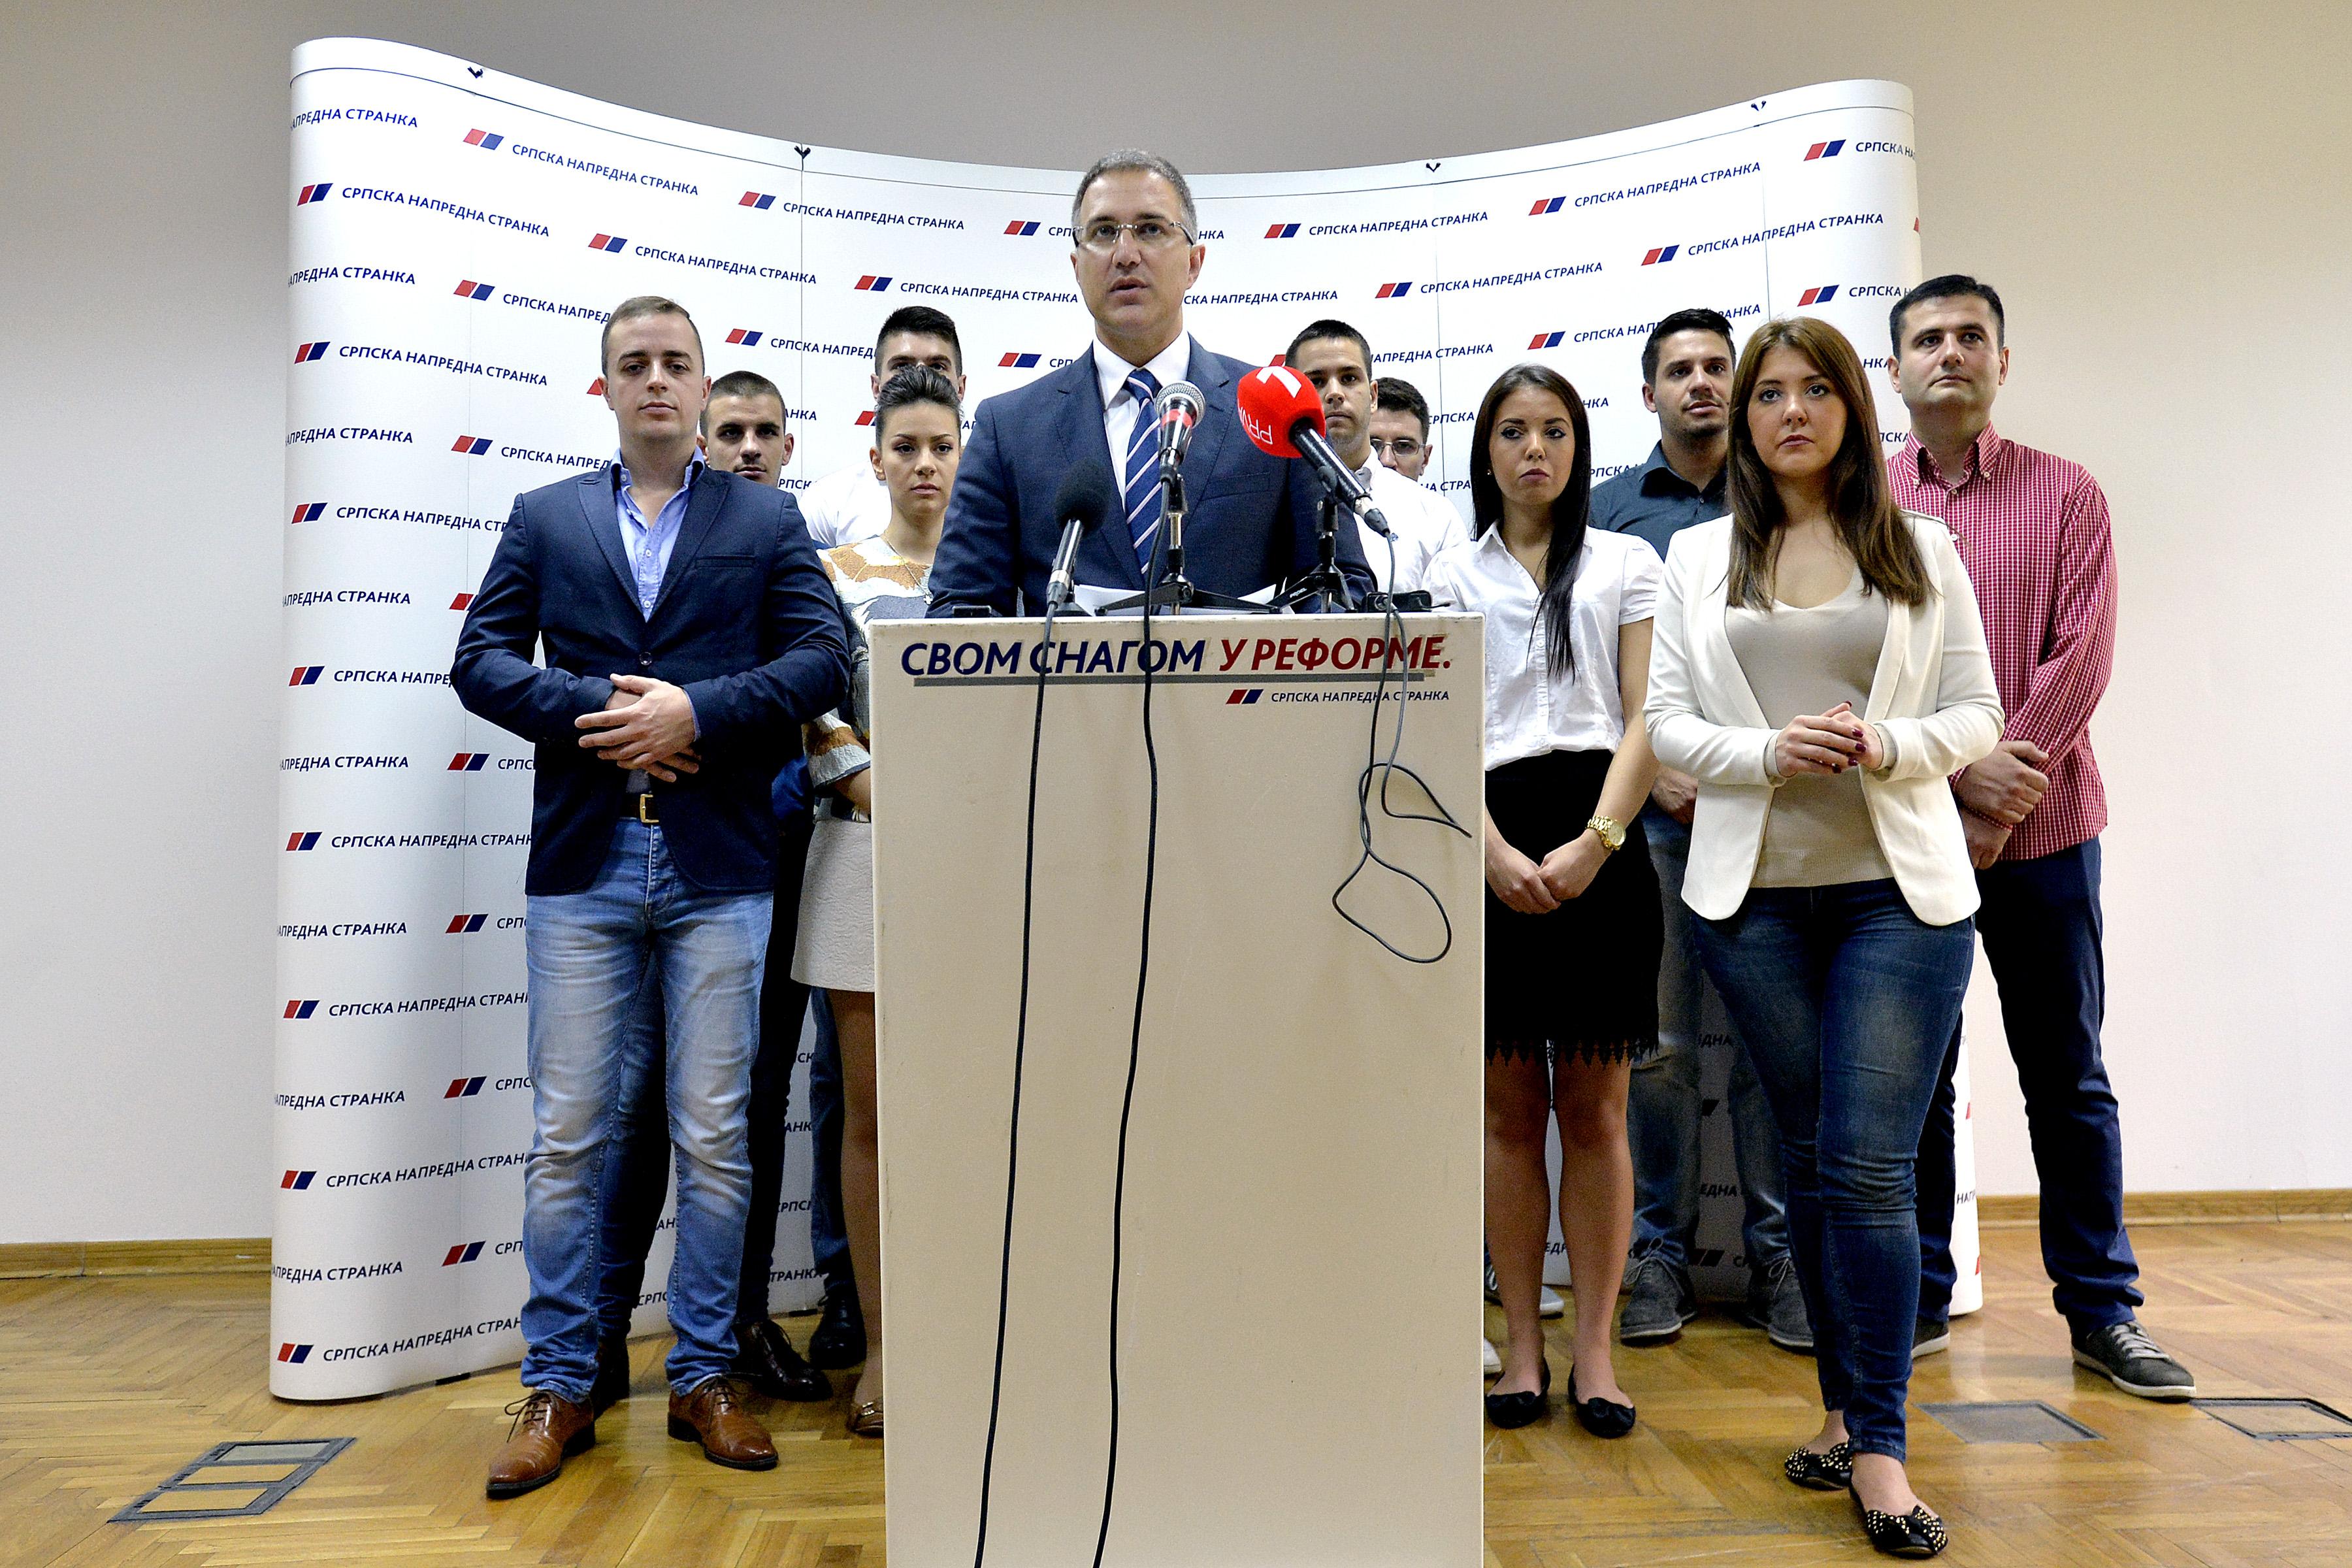 Stefanović napada opoziciju da želi vanredne izbore – ali ne zna ko iz opozicije!